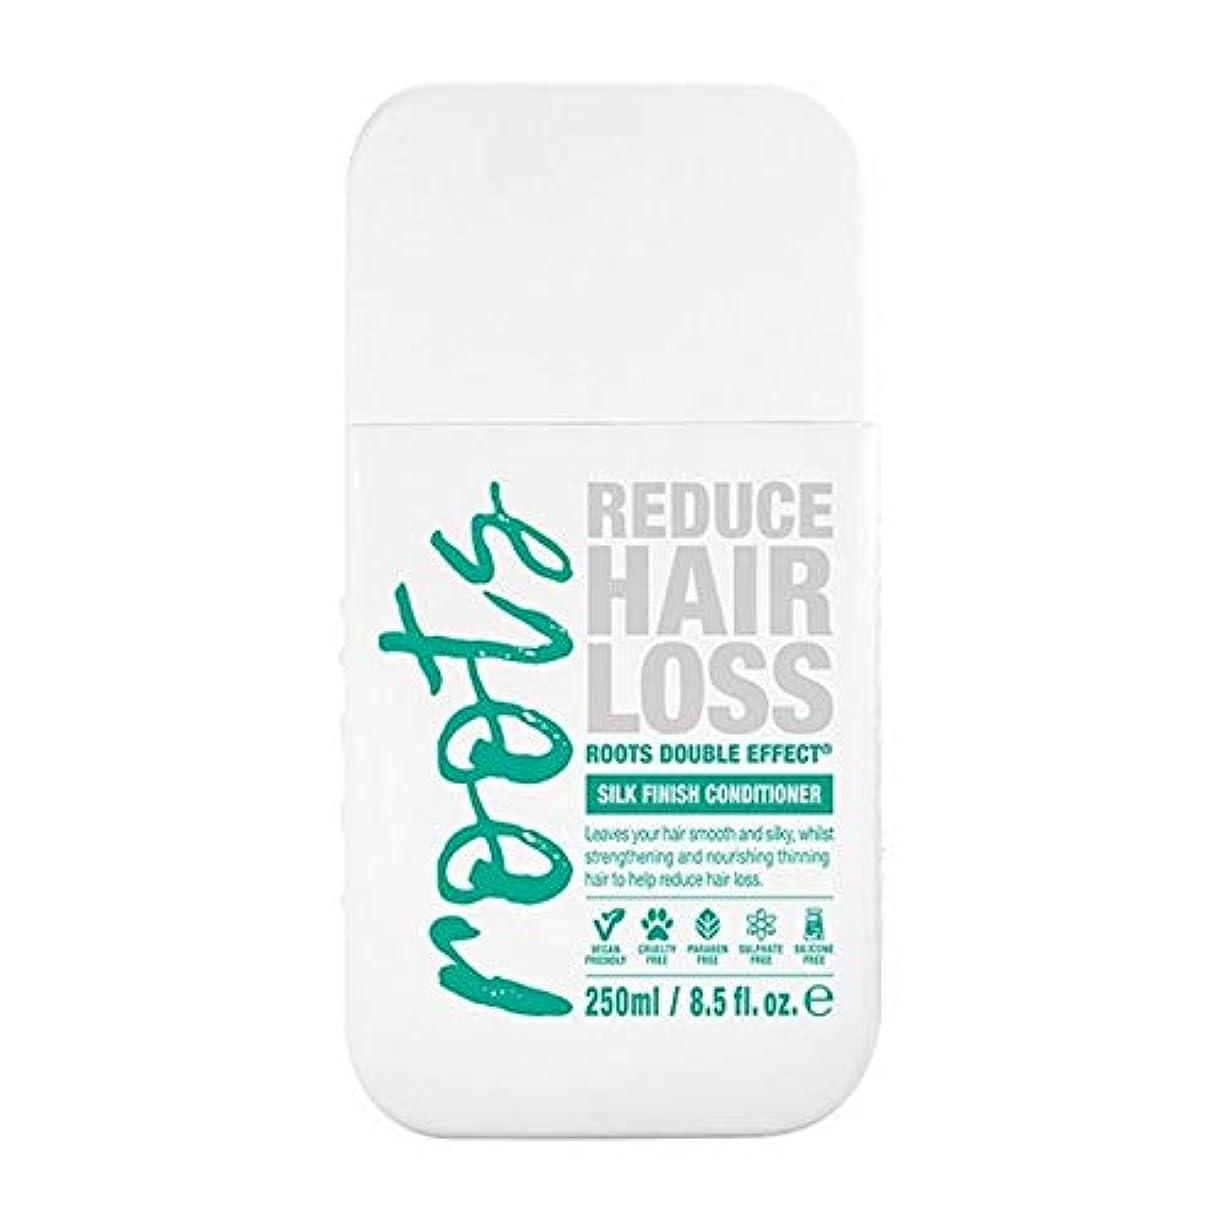 成功したメンバーコジオスコ[Roots ] 根のダブル効果育毛シャンプー250Ml - Roots Double Effect Hair Growth Conditioner 250ml [並行輸入品]